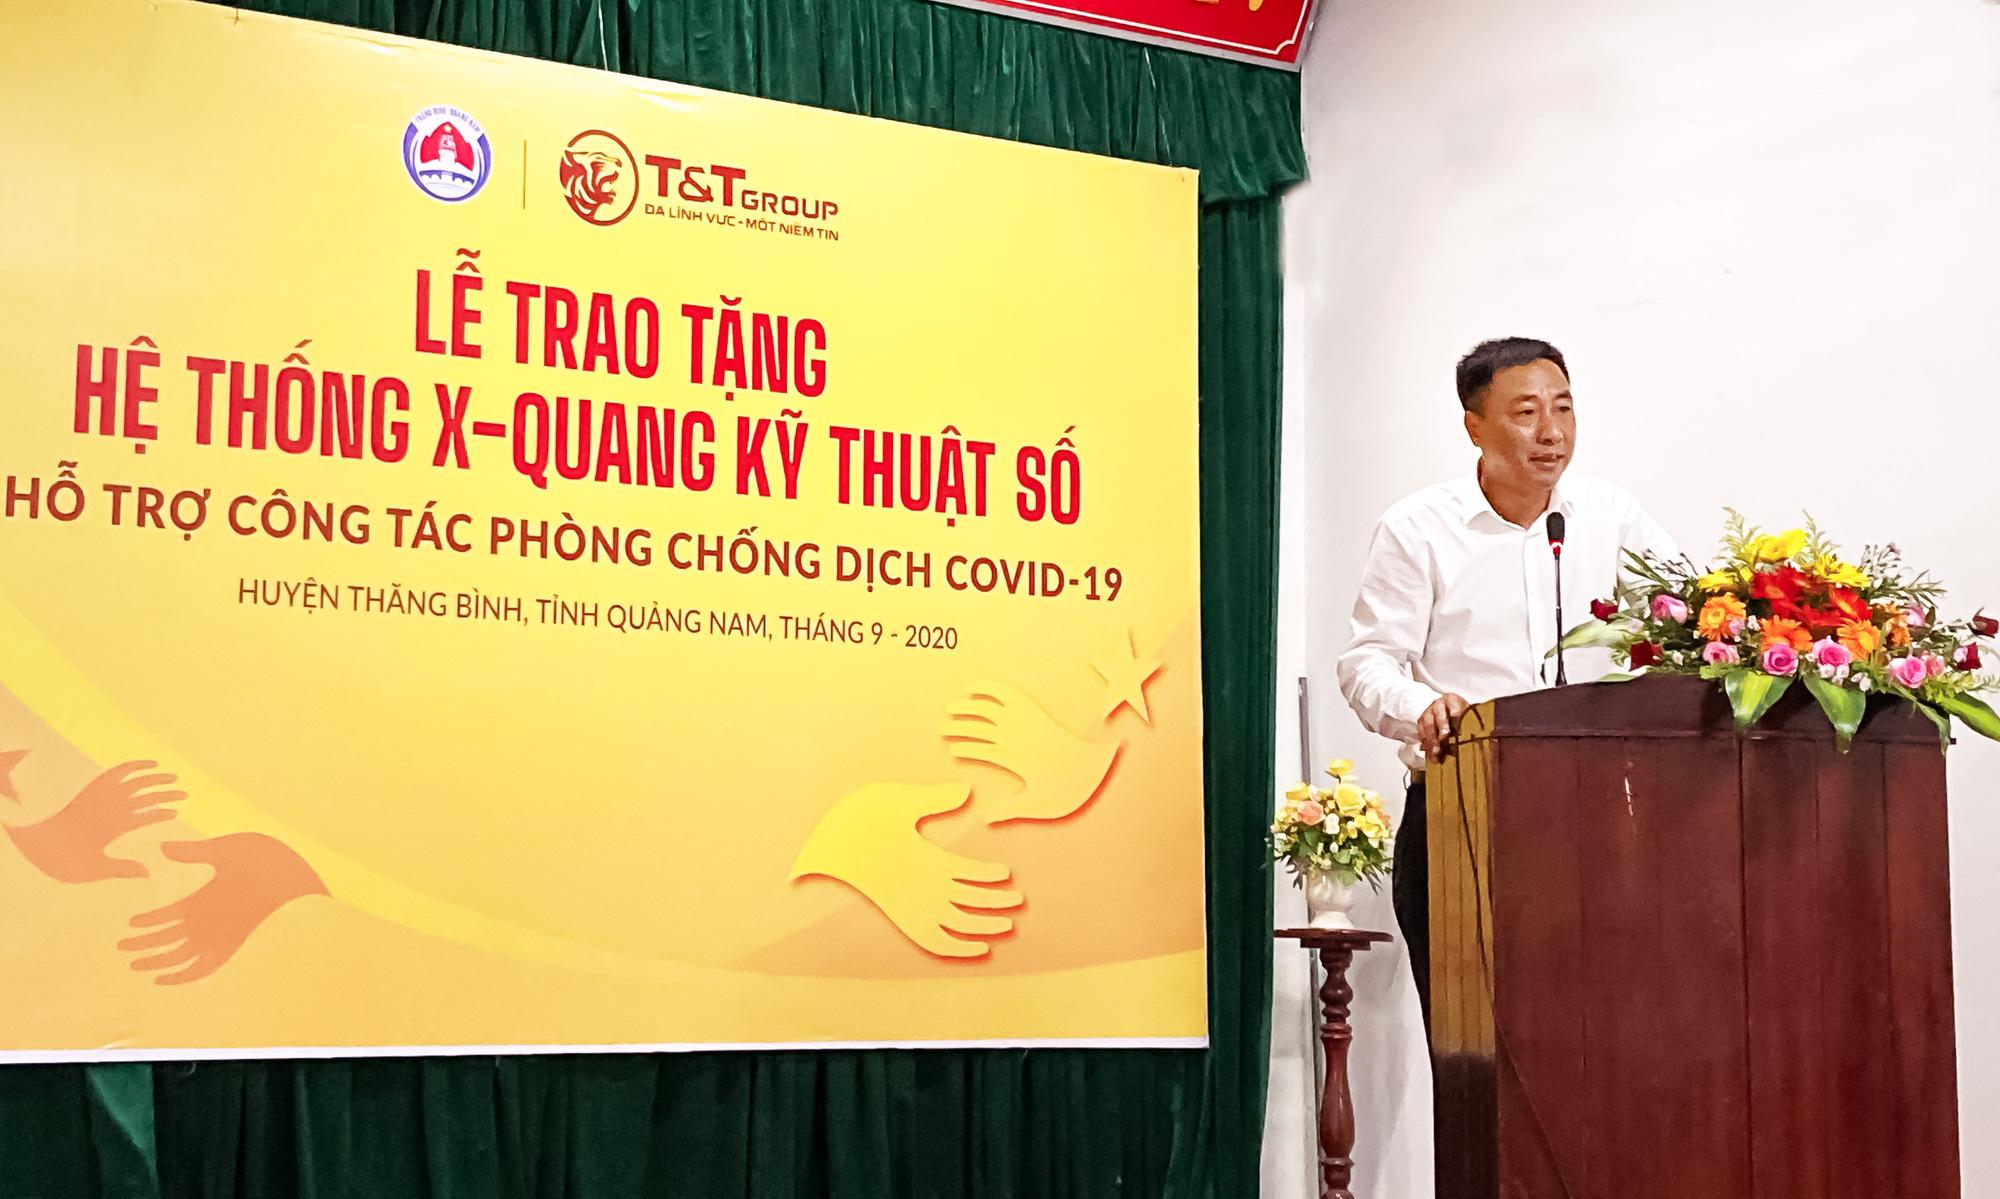 Tập đoàn T&T Group trao tặng hệ thống X-Quang kỹ thuật số hỗ trợ cho huyện Thăng Bình (tỉnh Quảng Nam) phòng chống dịch COVID-19 - Ảnh 2.